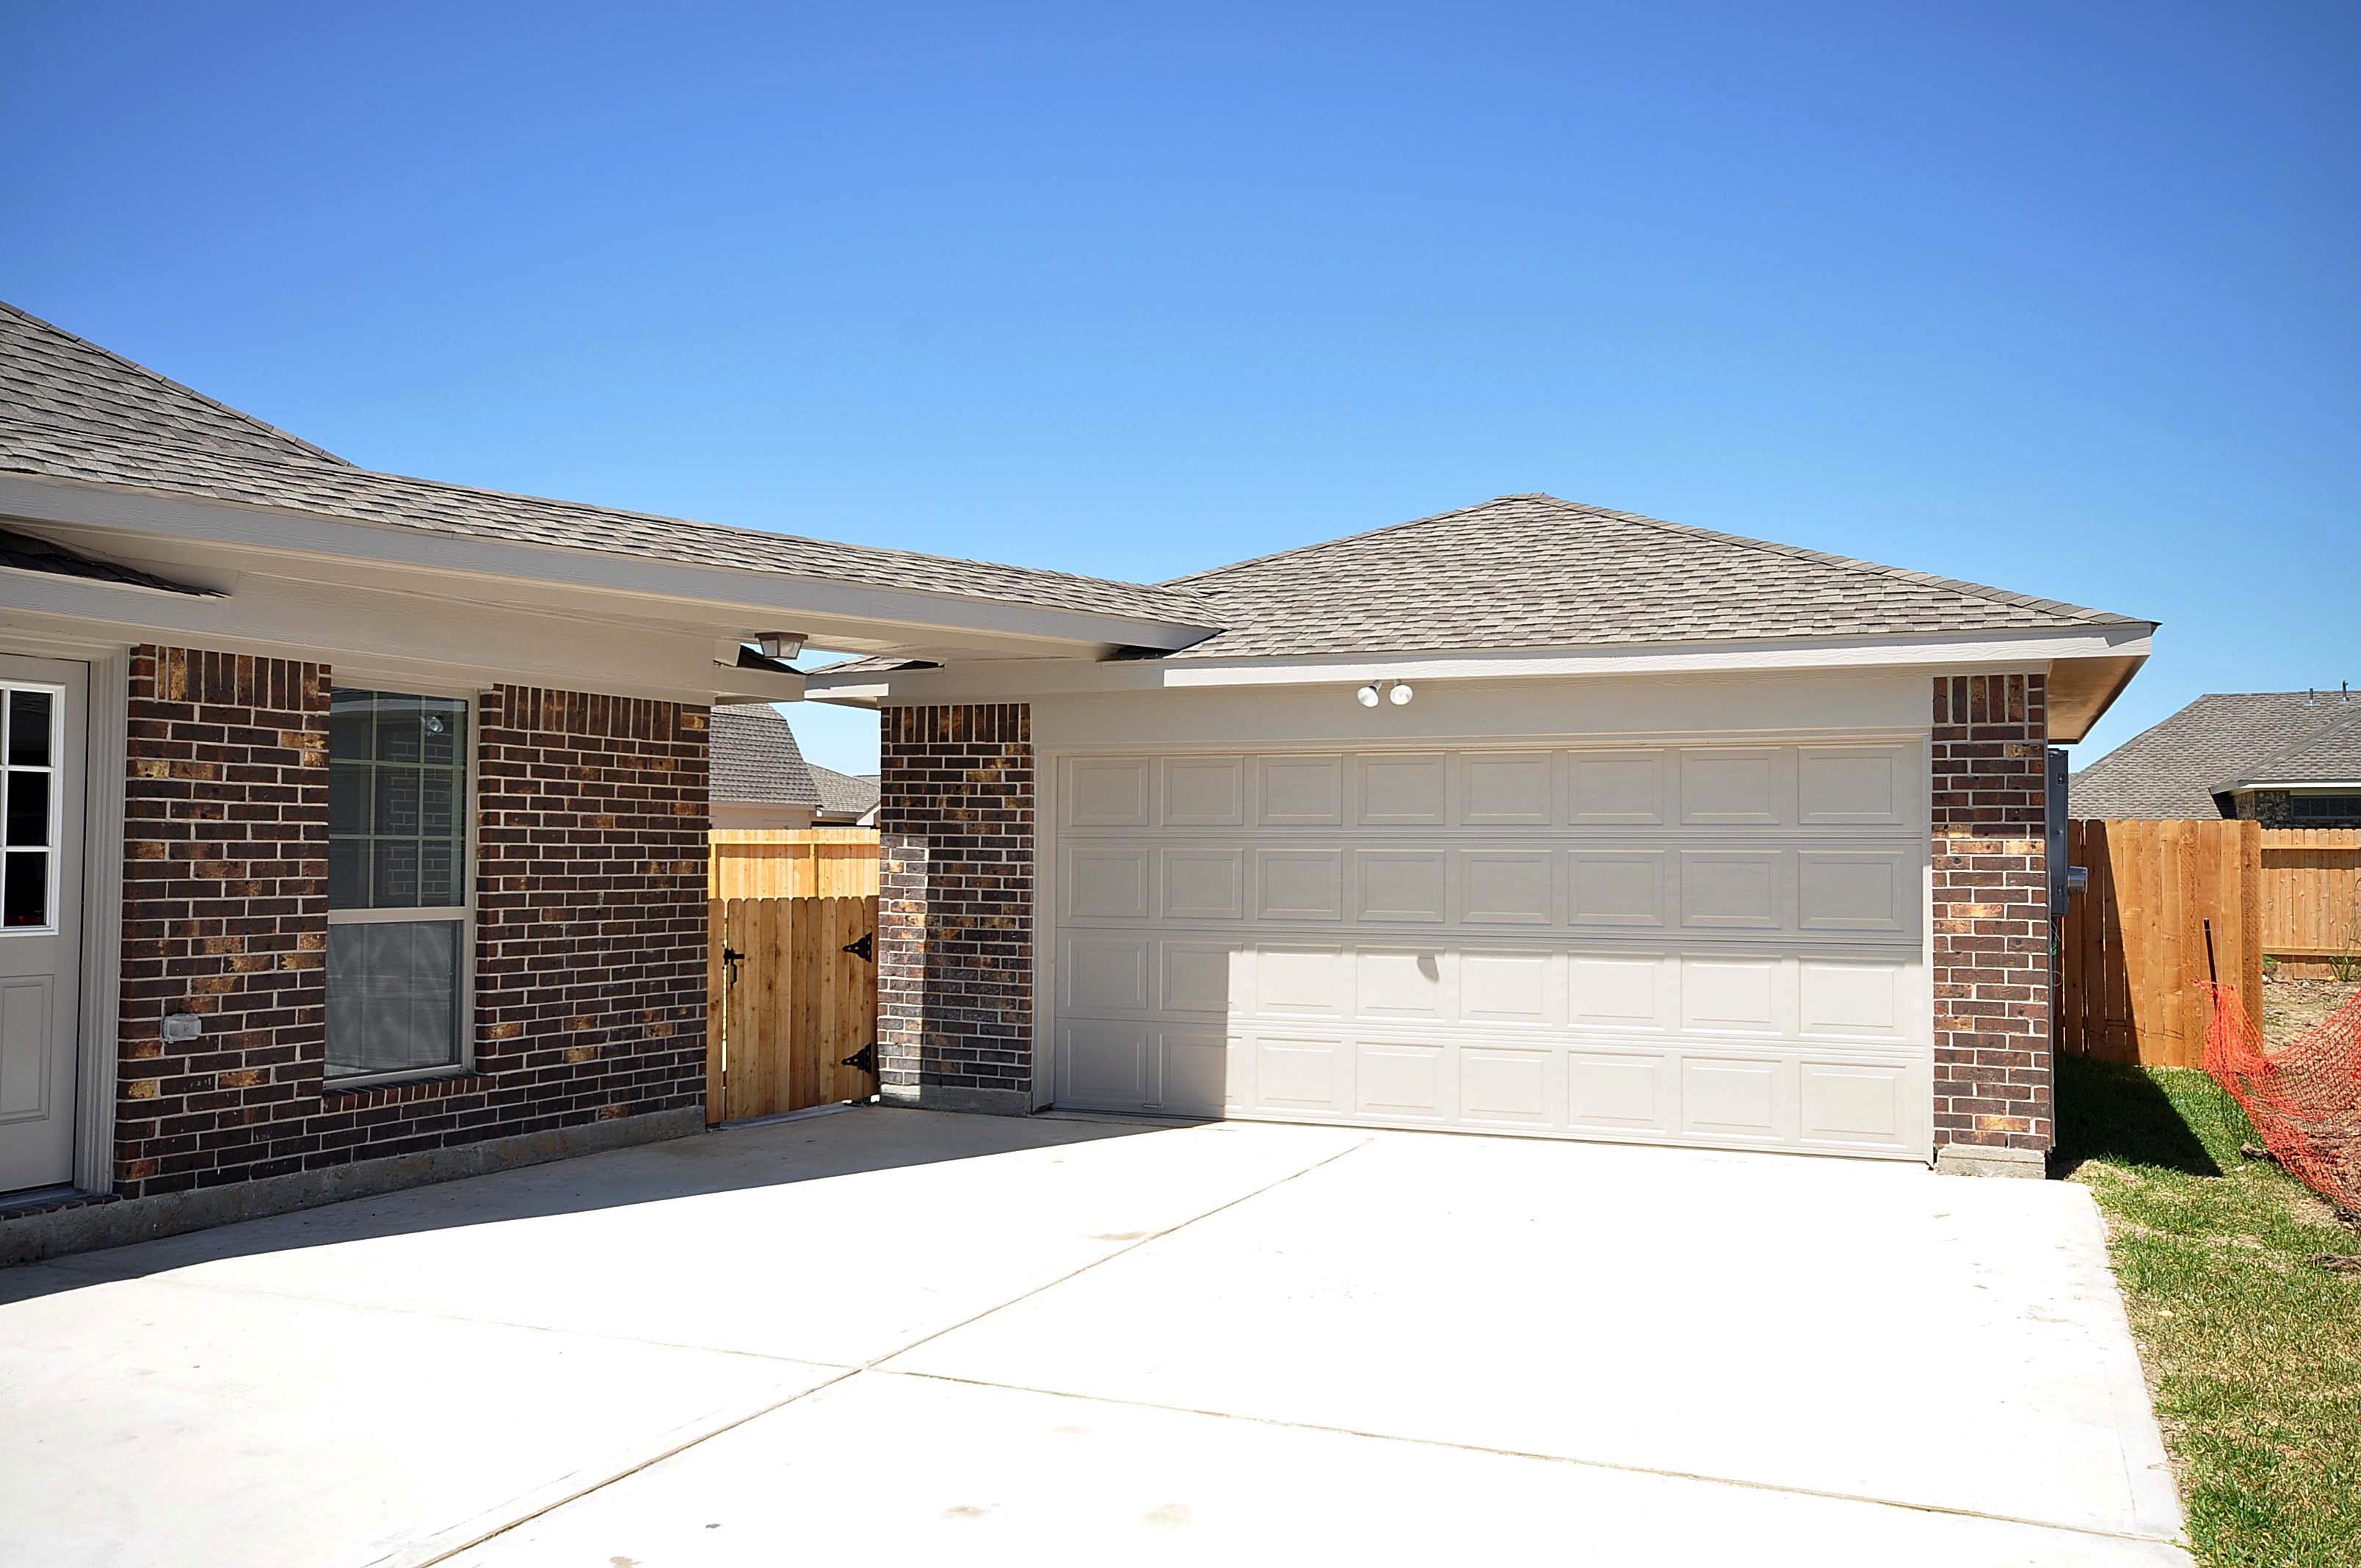 Cervelle homes standard 2 car garage for 1 1 2 car garage